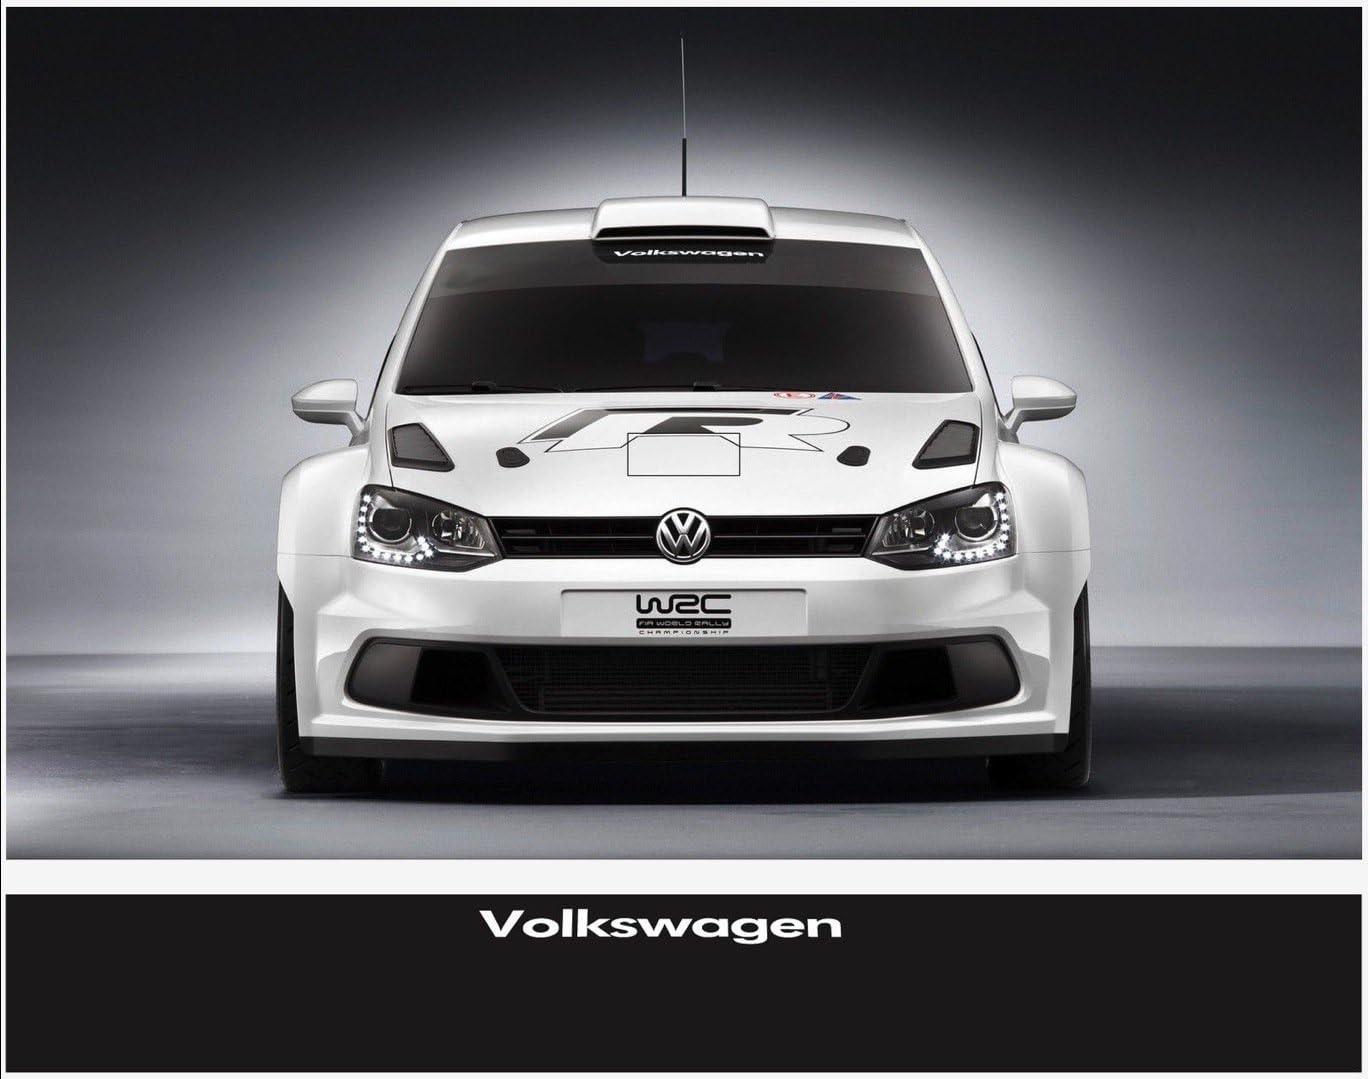 Snstyling Com Aufkleber Passend Für Vw Volkswagen Frontscheiben Sonnenblendstreifen Aufkleber 300mm X 30mm Auto